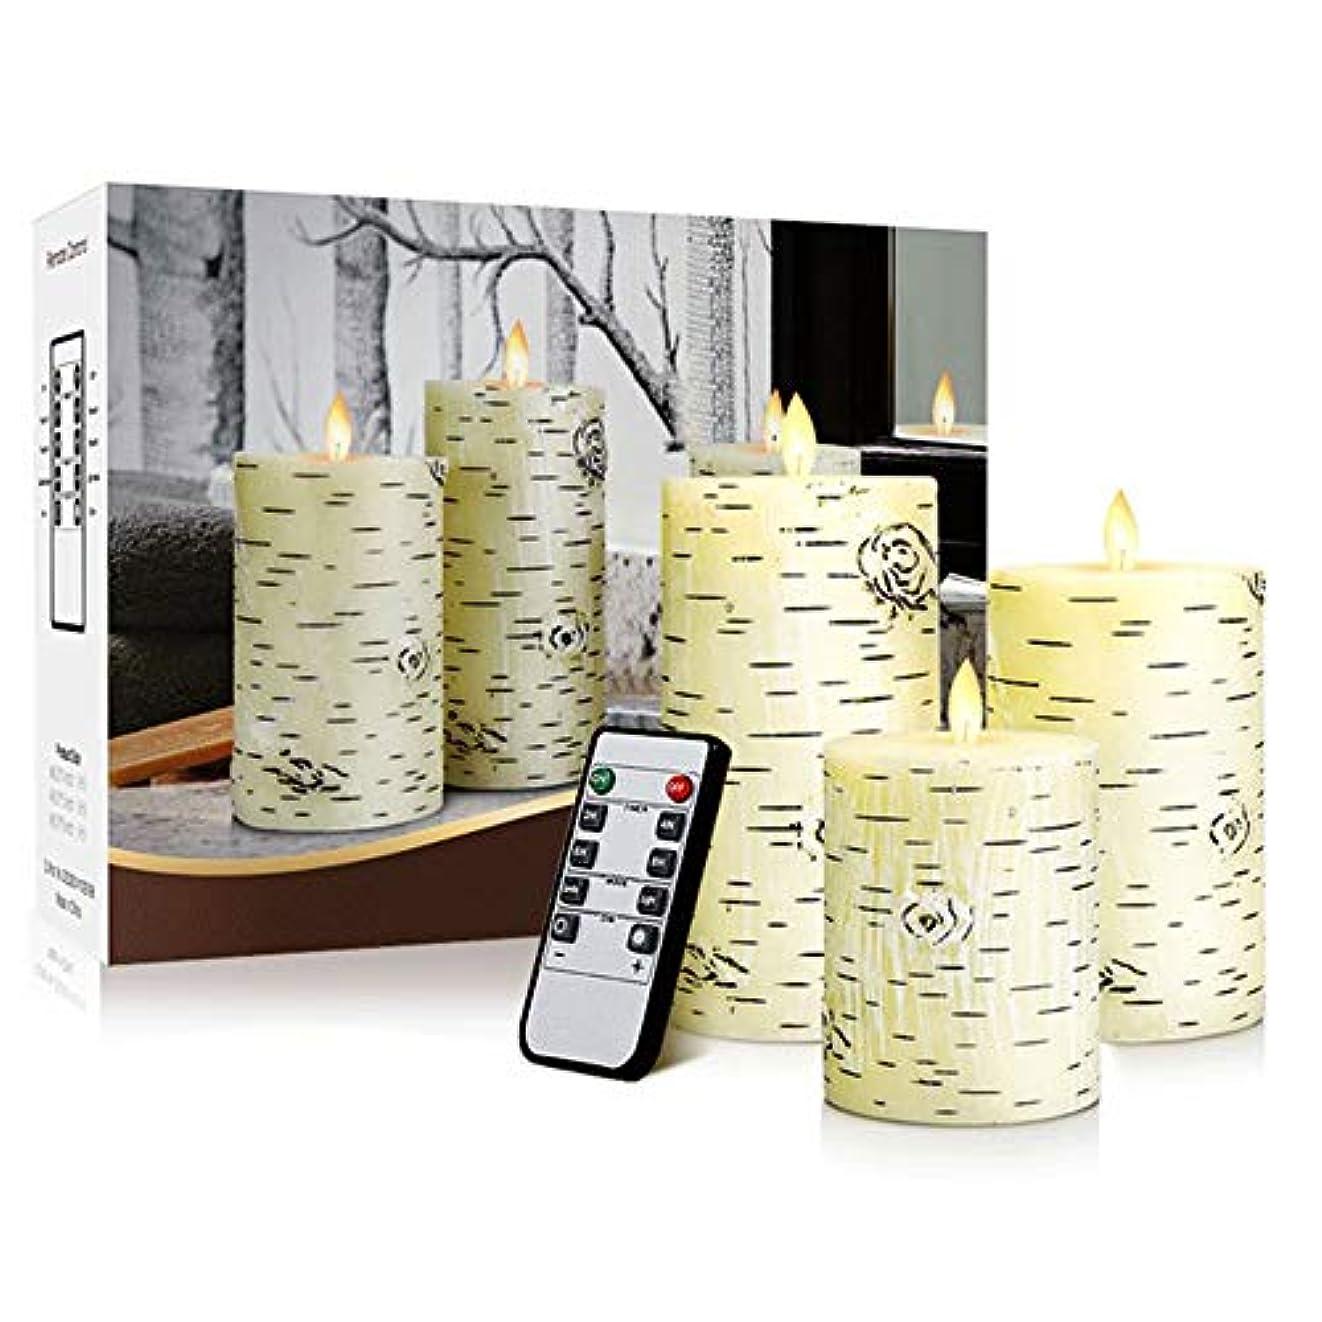 悲しいジュース飲食店導かれた電子蝋燭のリモート?コントロール3部分が付いている平らな口のシラカバの木の蝋燭